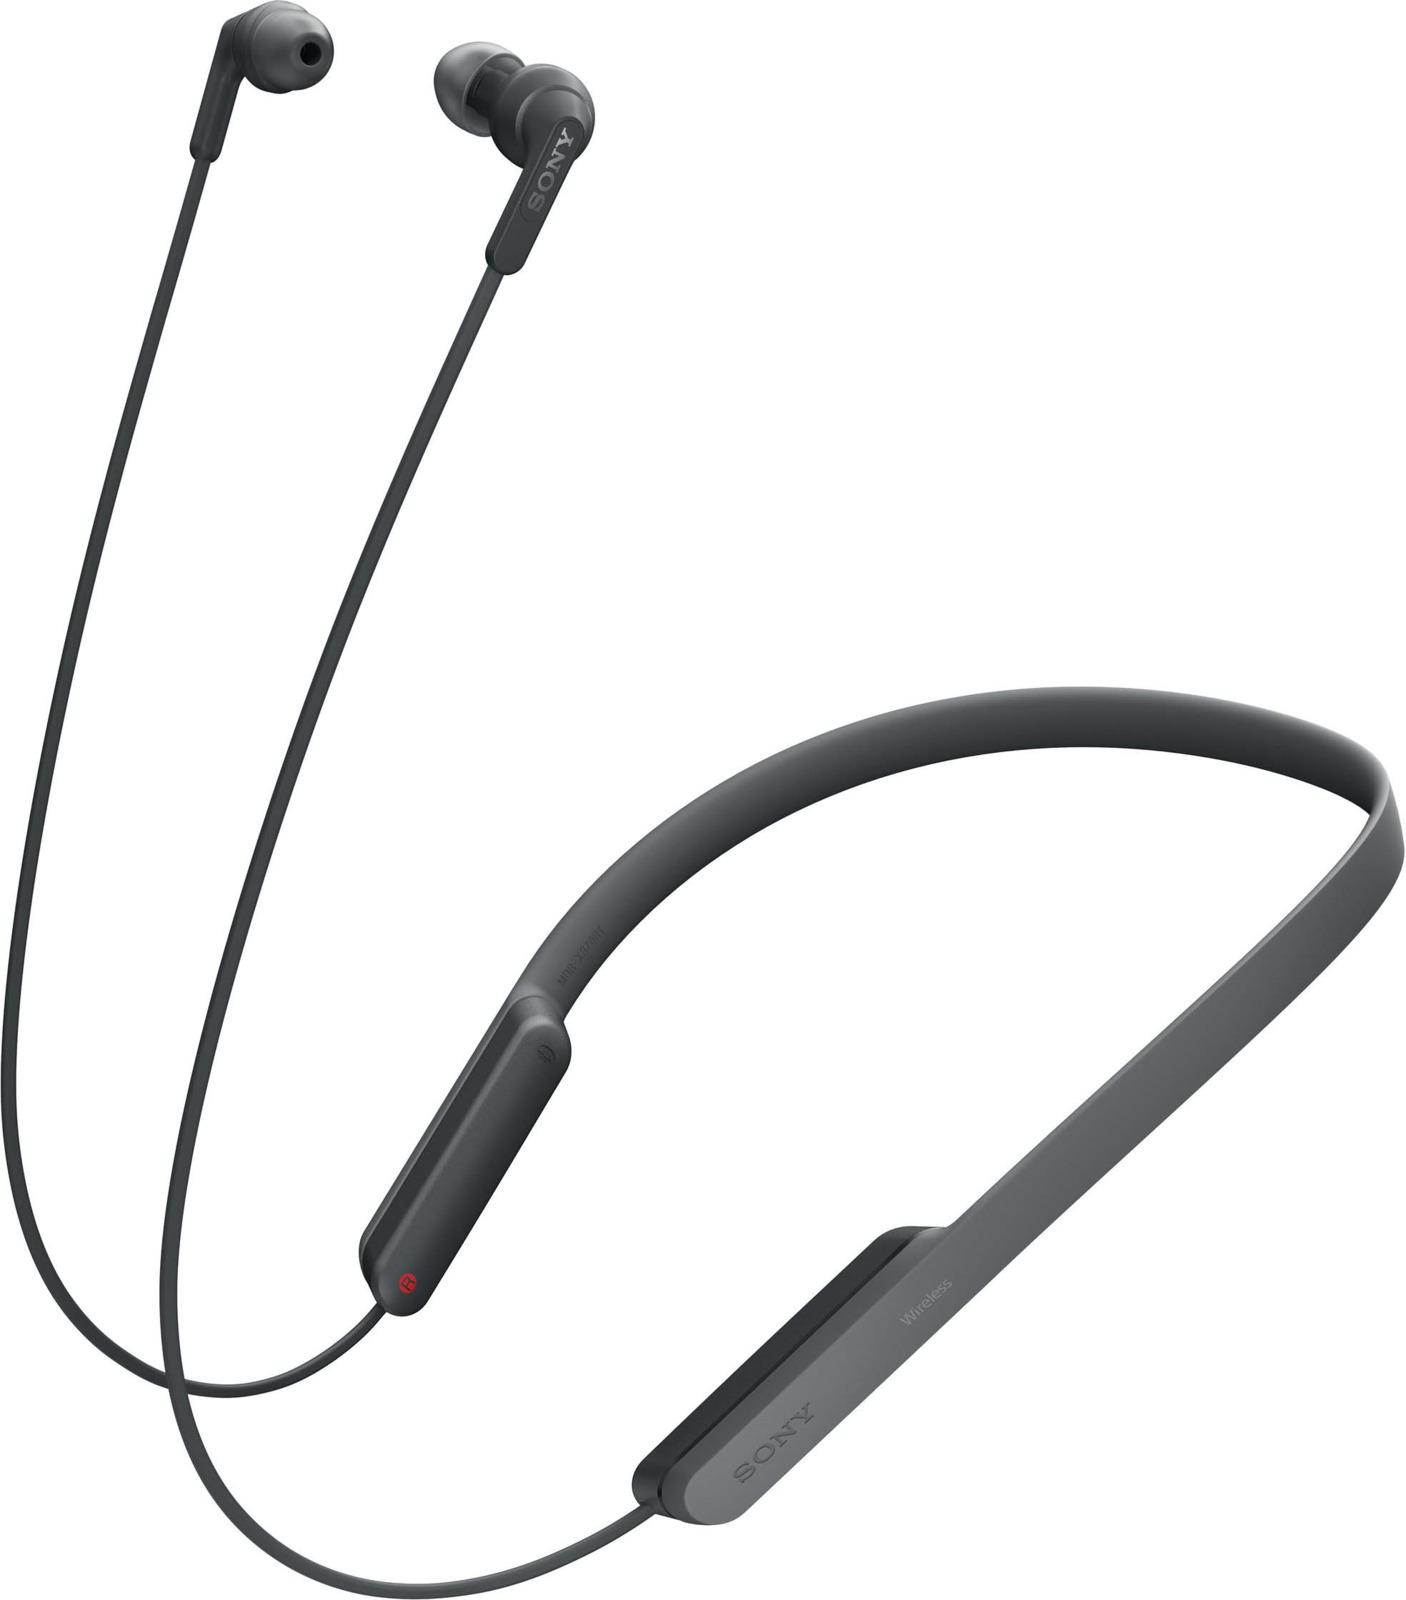 цена на Беспроводные наушники Sony Extra Bass MDR-XB70BT, цвет черный